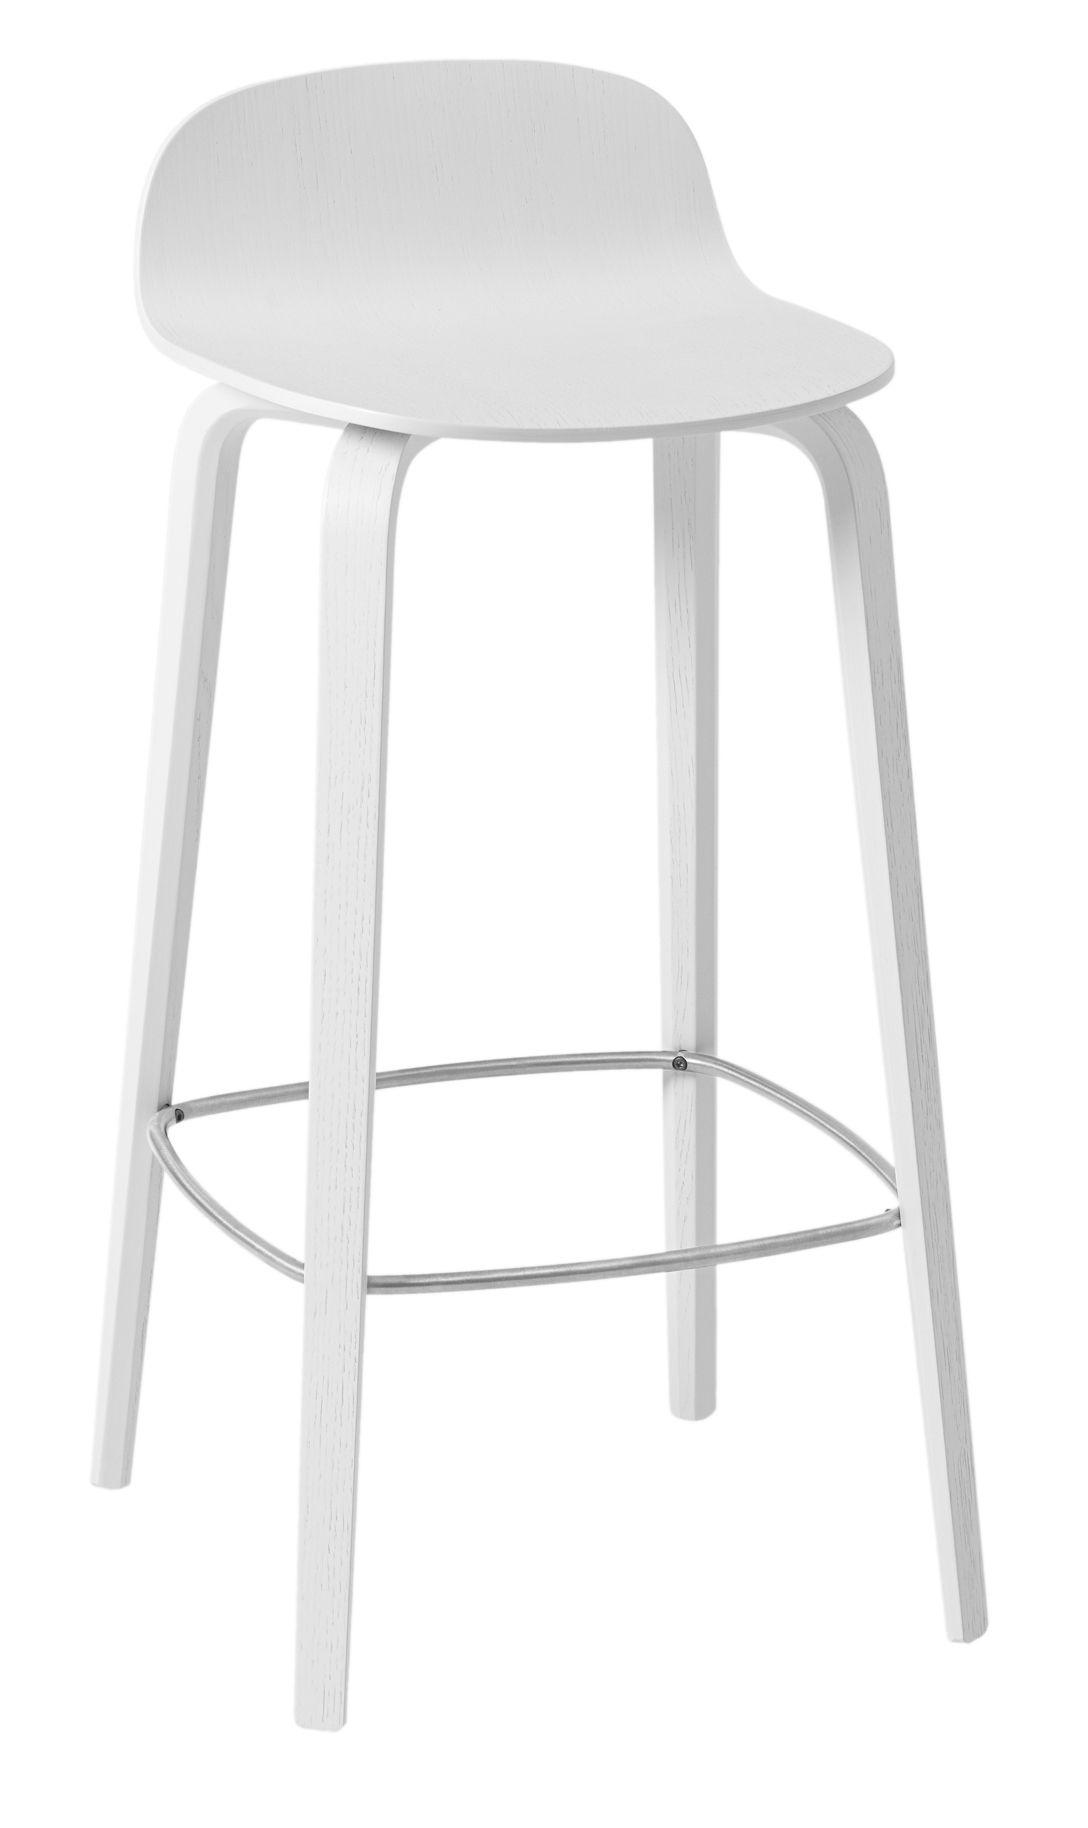 Mobilier - Tabourets de bar - Tabouret de bar Visu / Bois - H 75 cm - Muuto - Blanc / Repose-pieds acier - Acier vernis, Frêne vernis